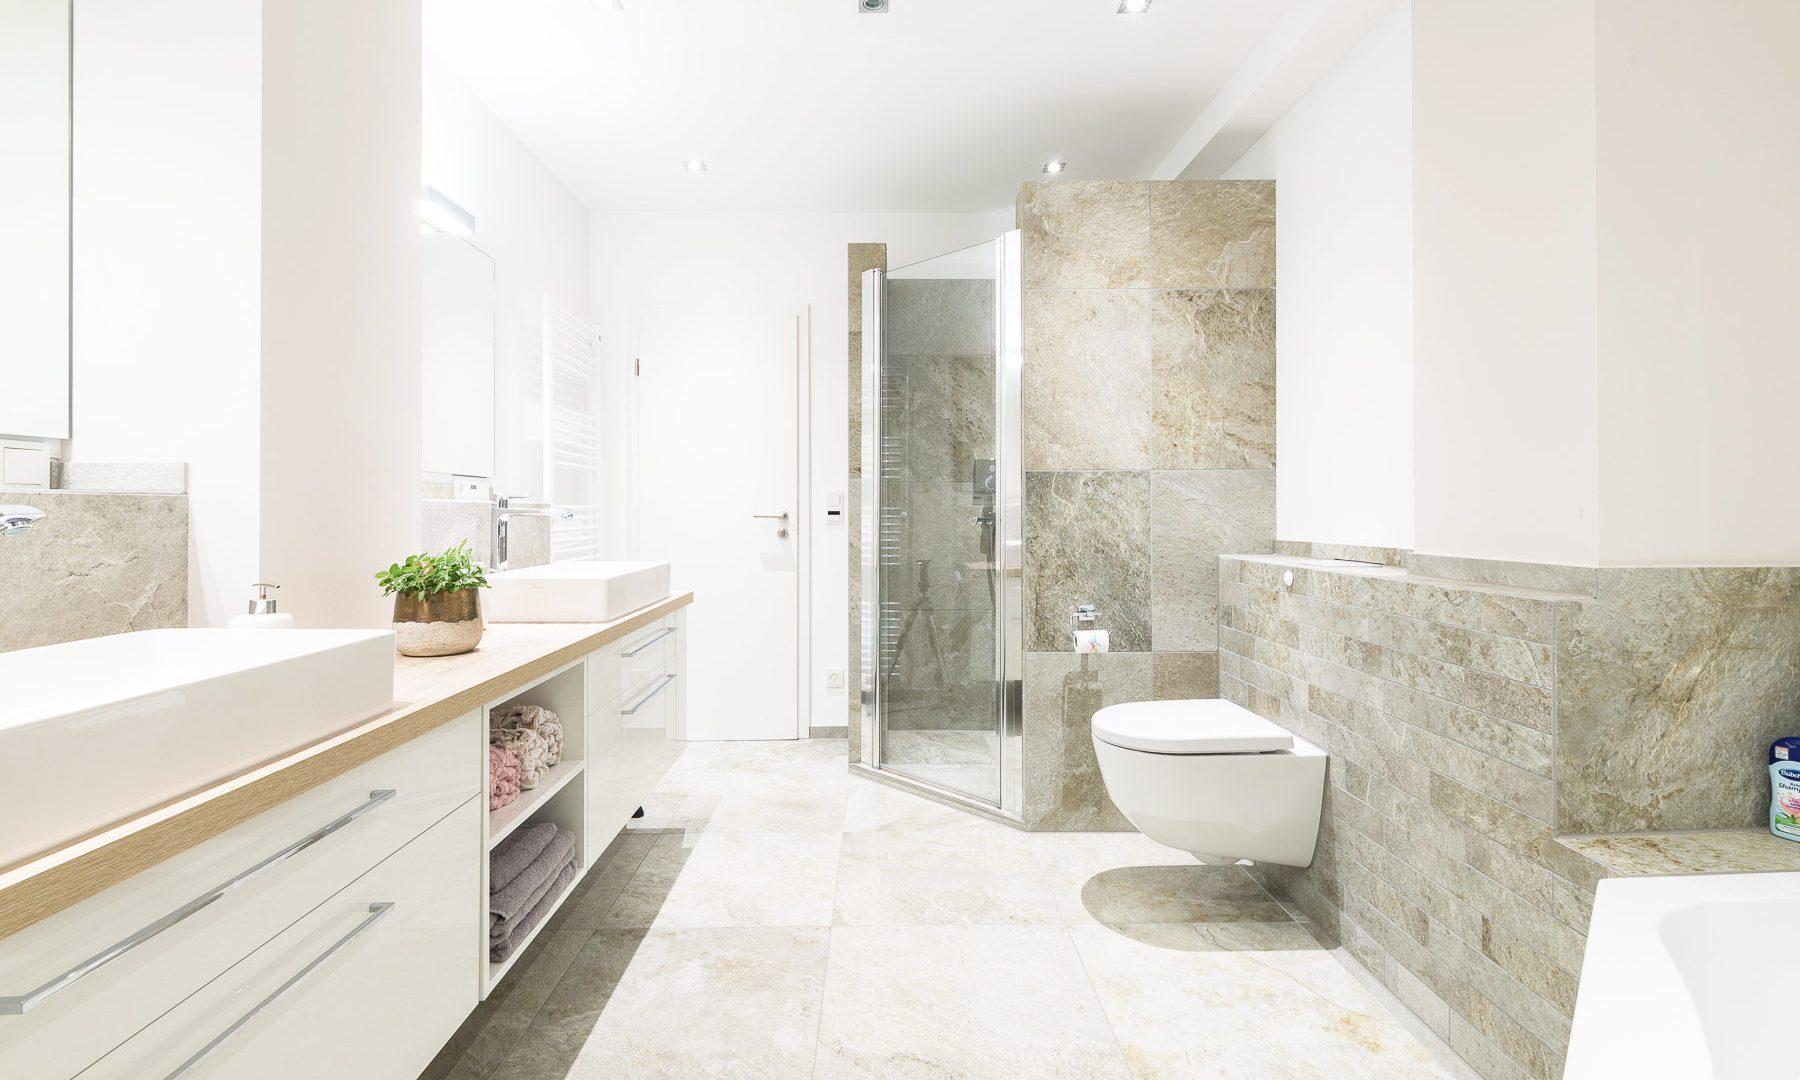 beige naturstein optik dezent bad badezimmer fliese bocholt